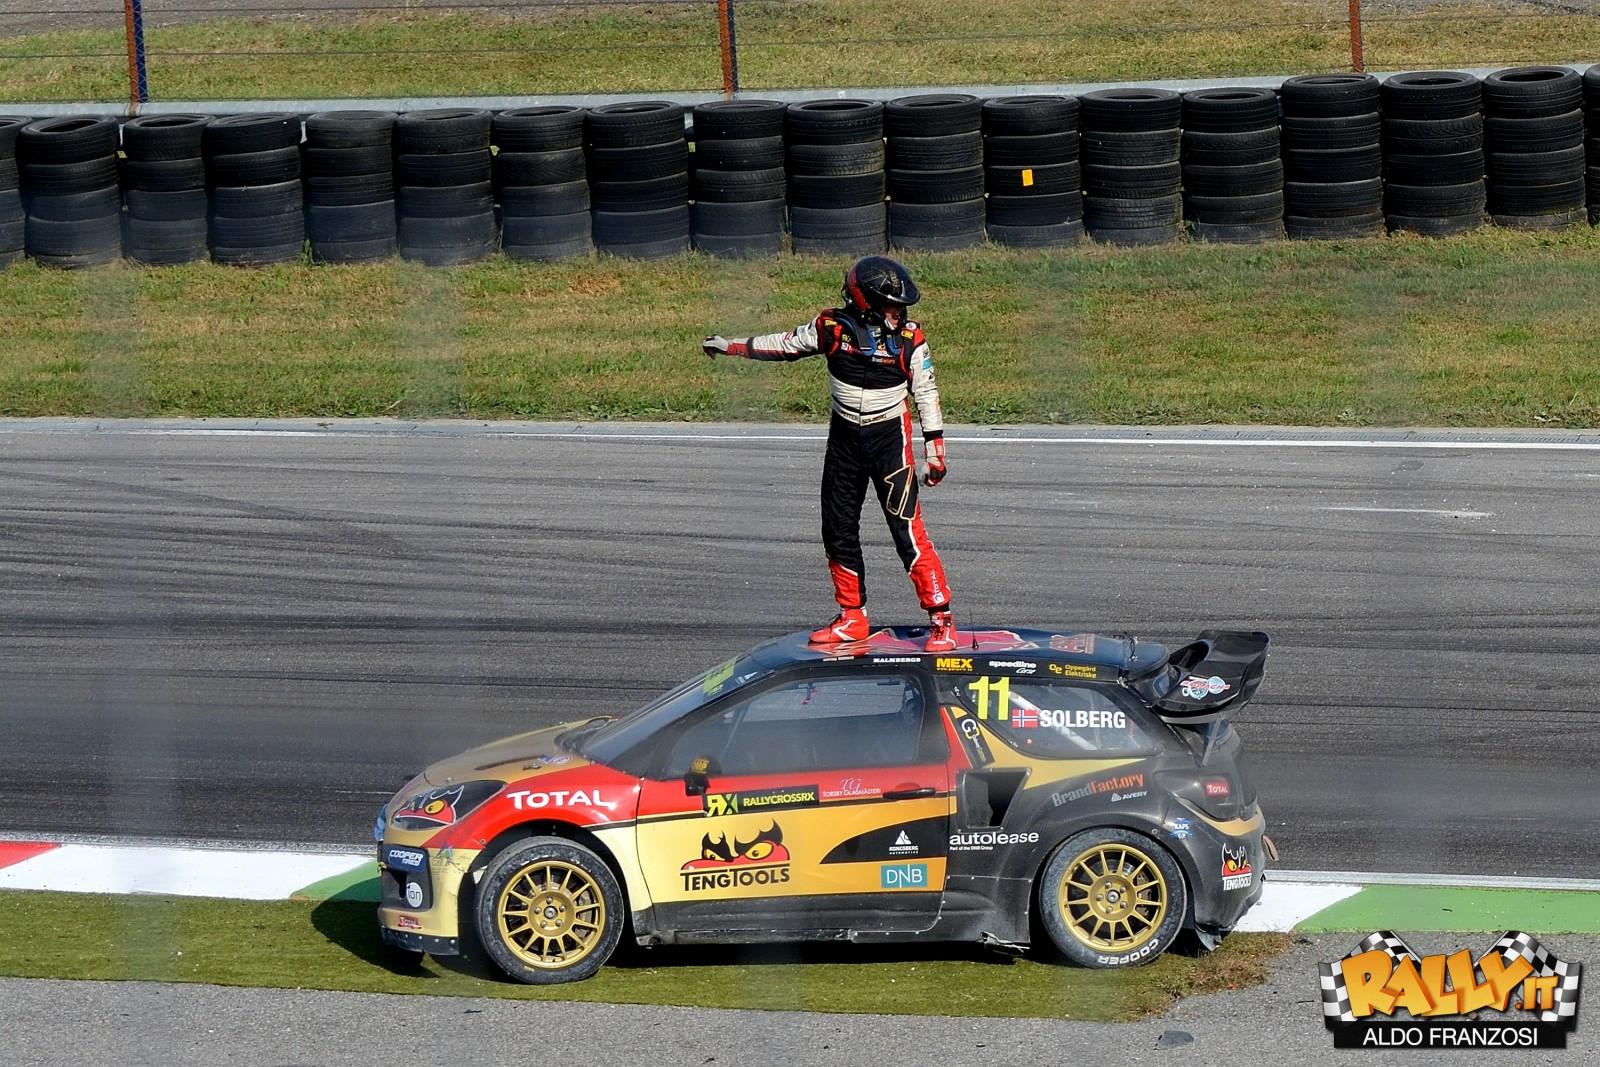 Petter Solberg, campione WRC 2003 e RX 2014-2015